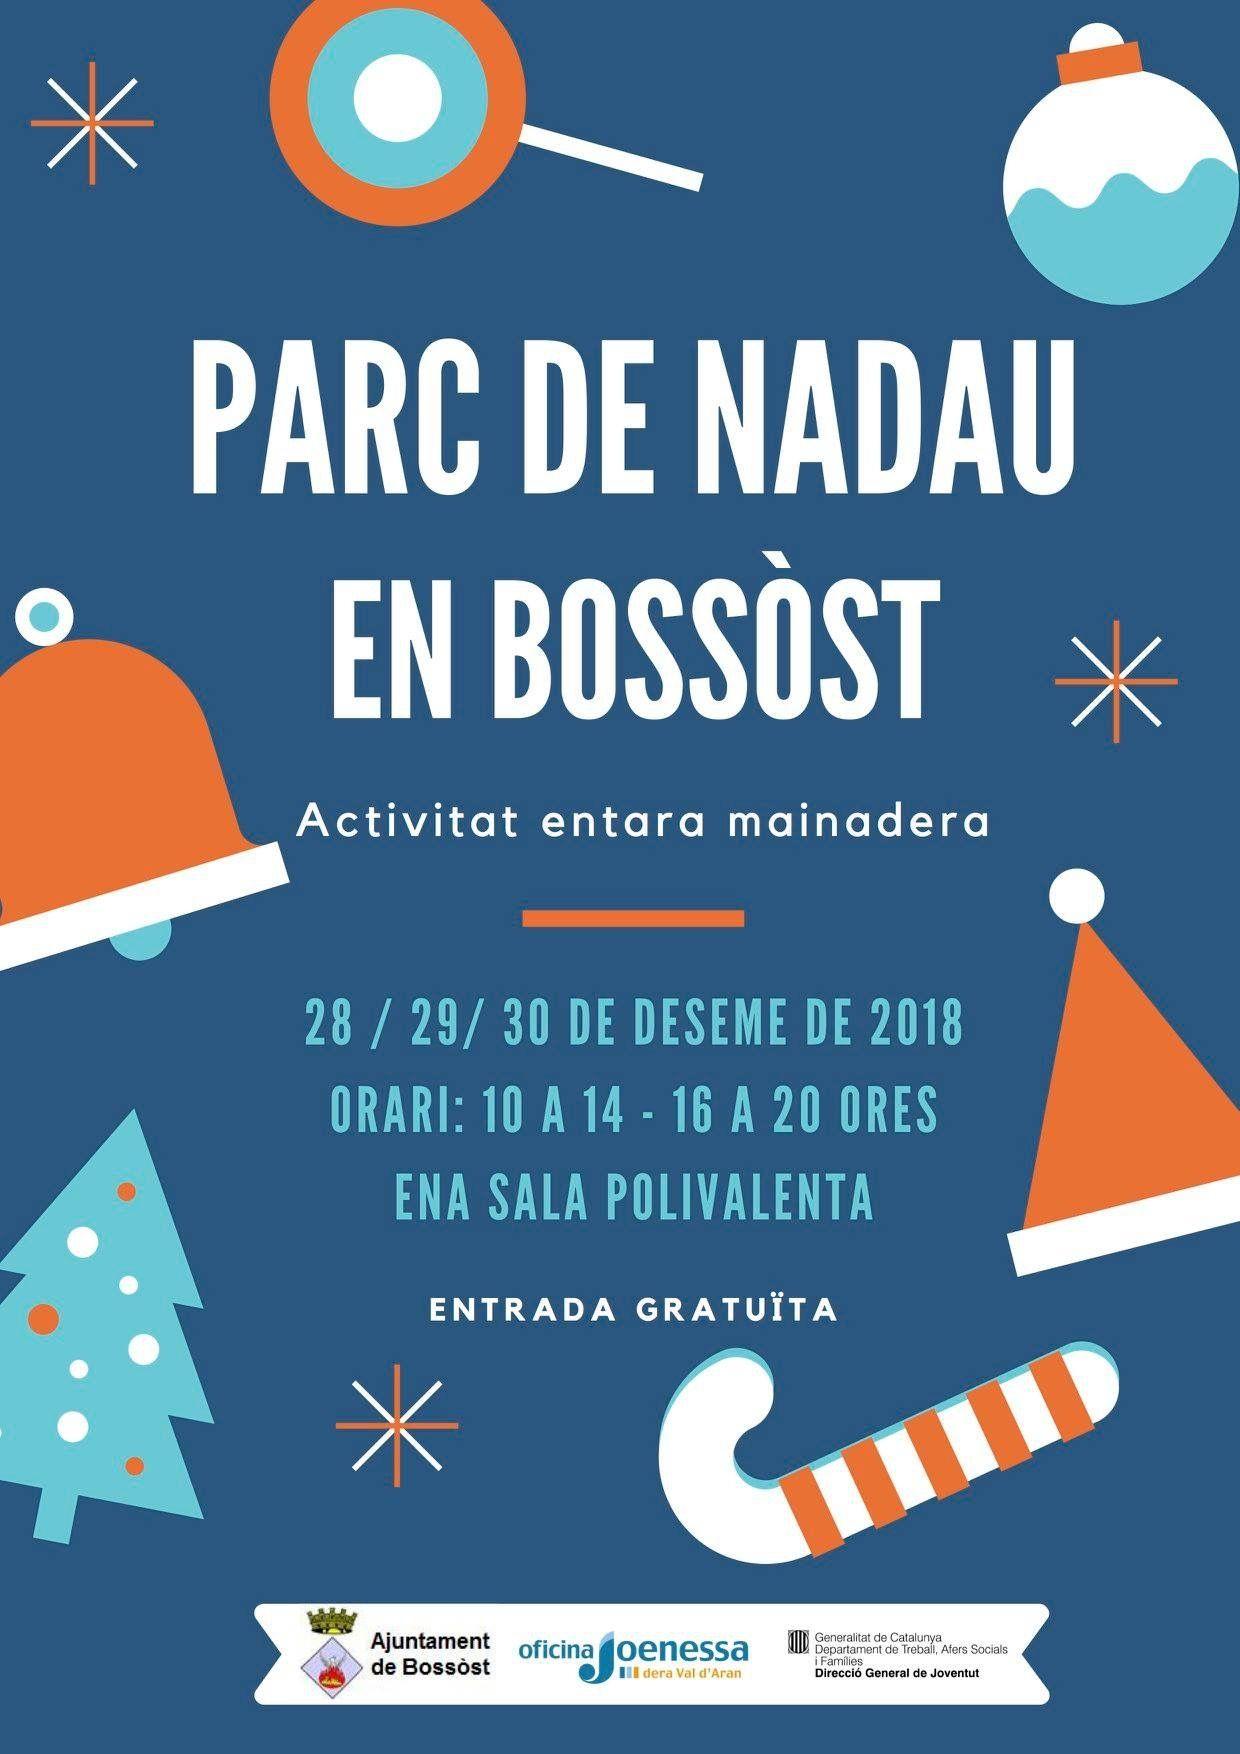 Parc de Nadau en Bossost